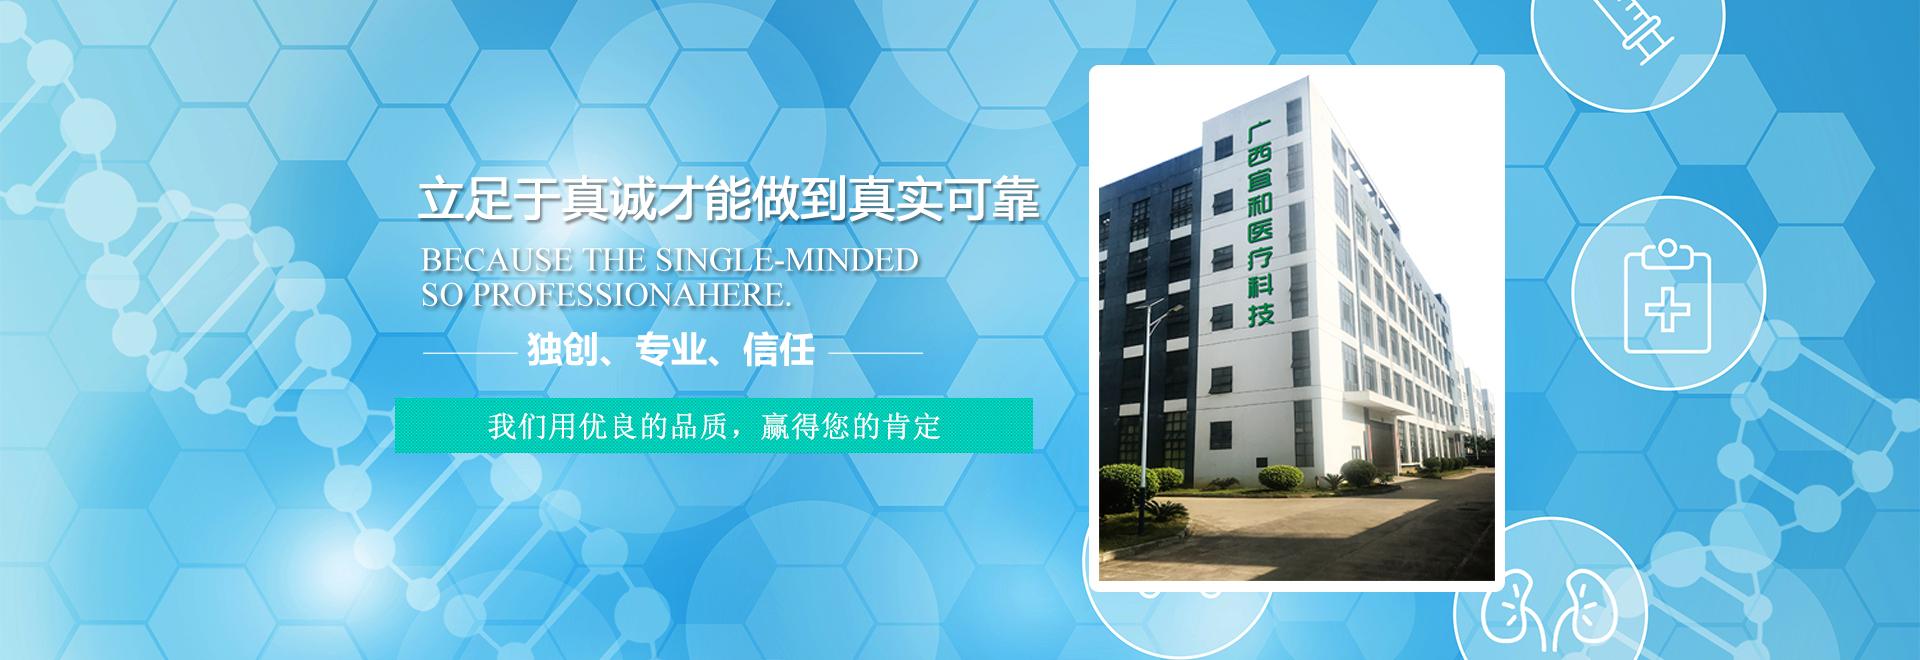 广西医疗器械公司